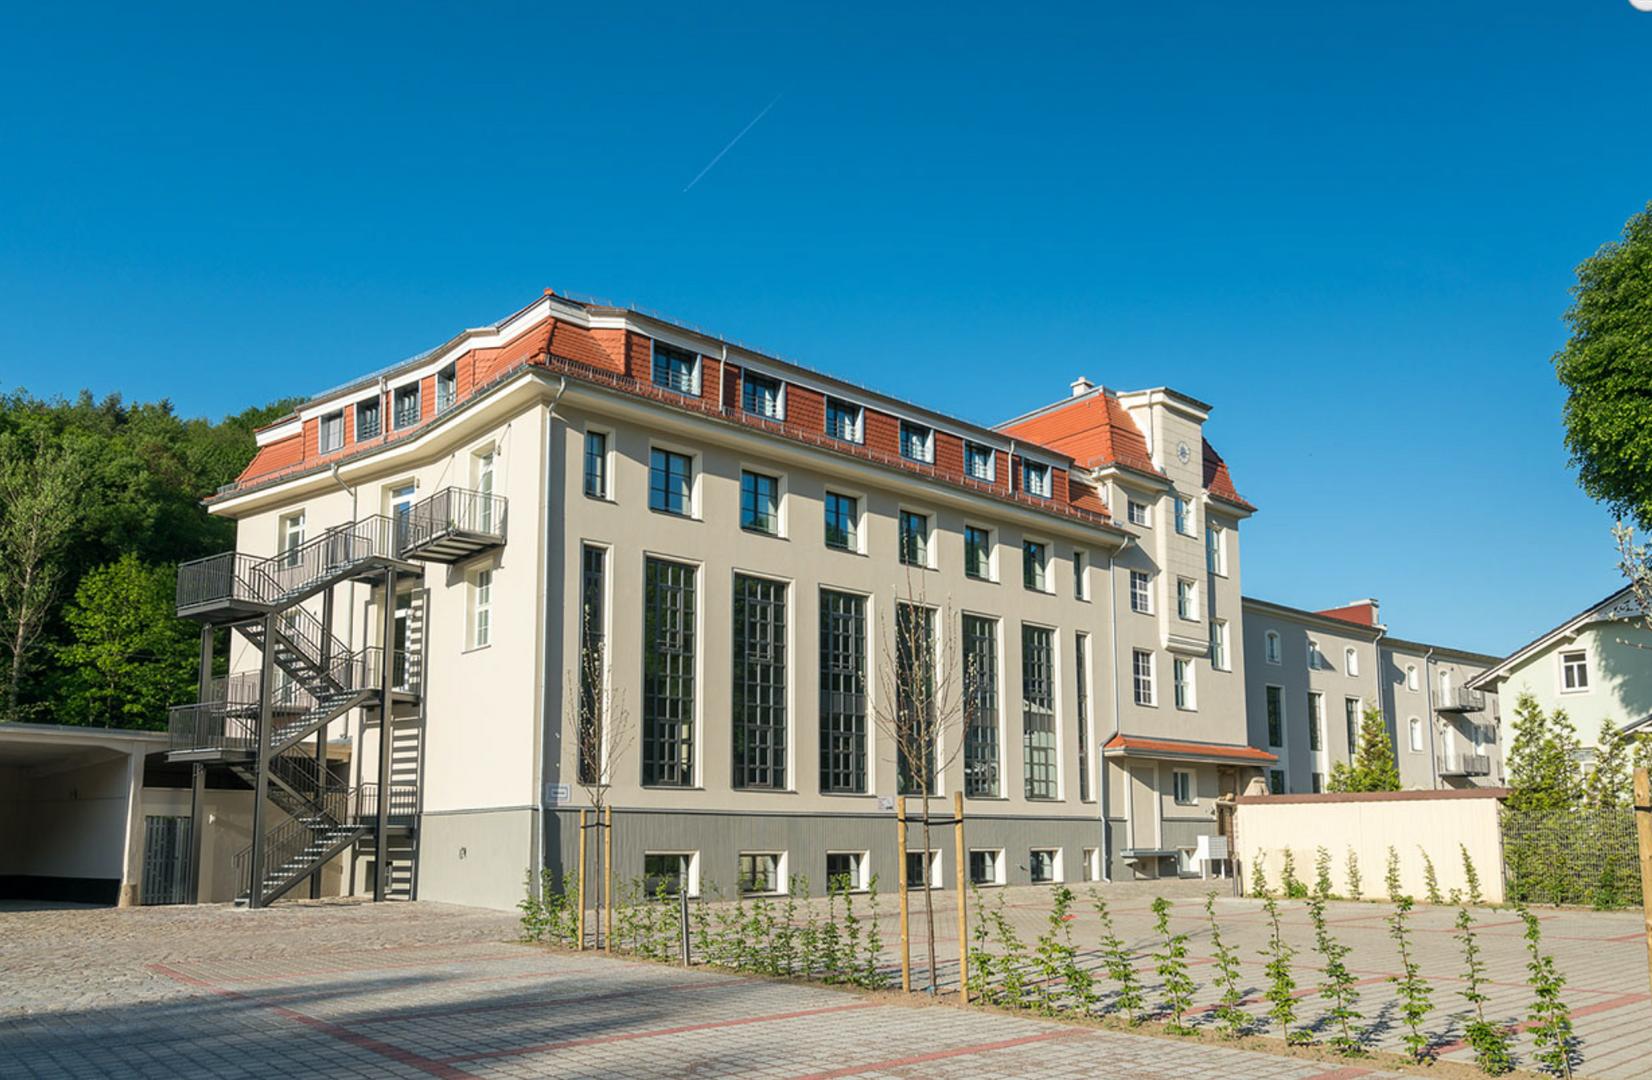 Ehemalige Brotfabrik Dresden